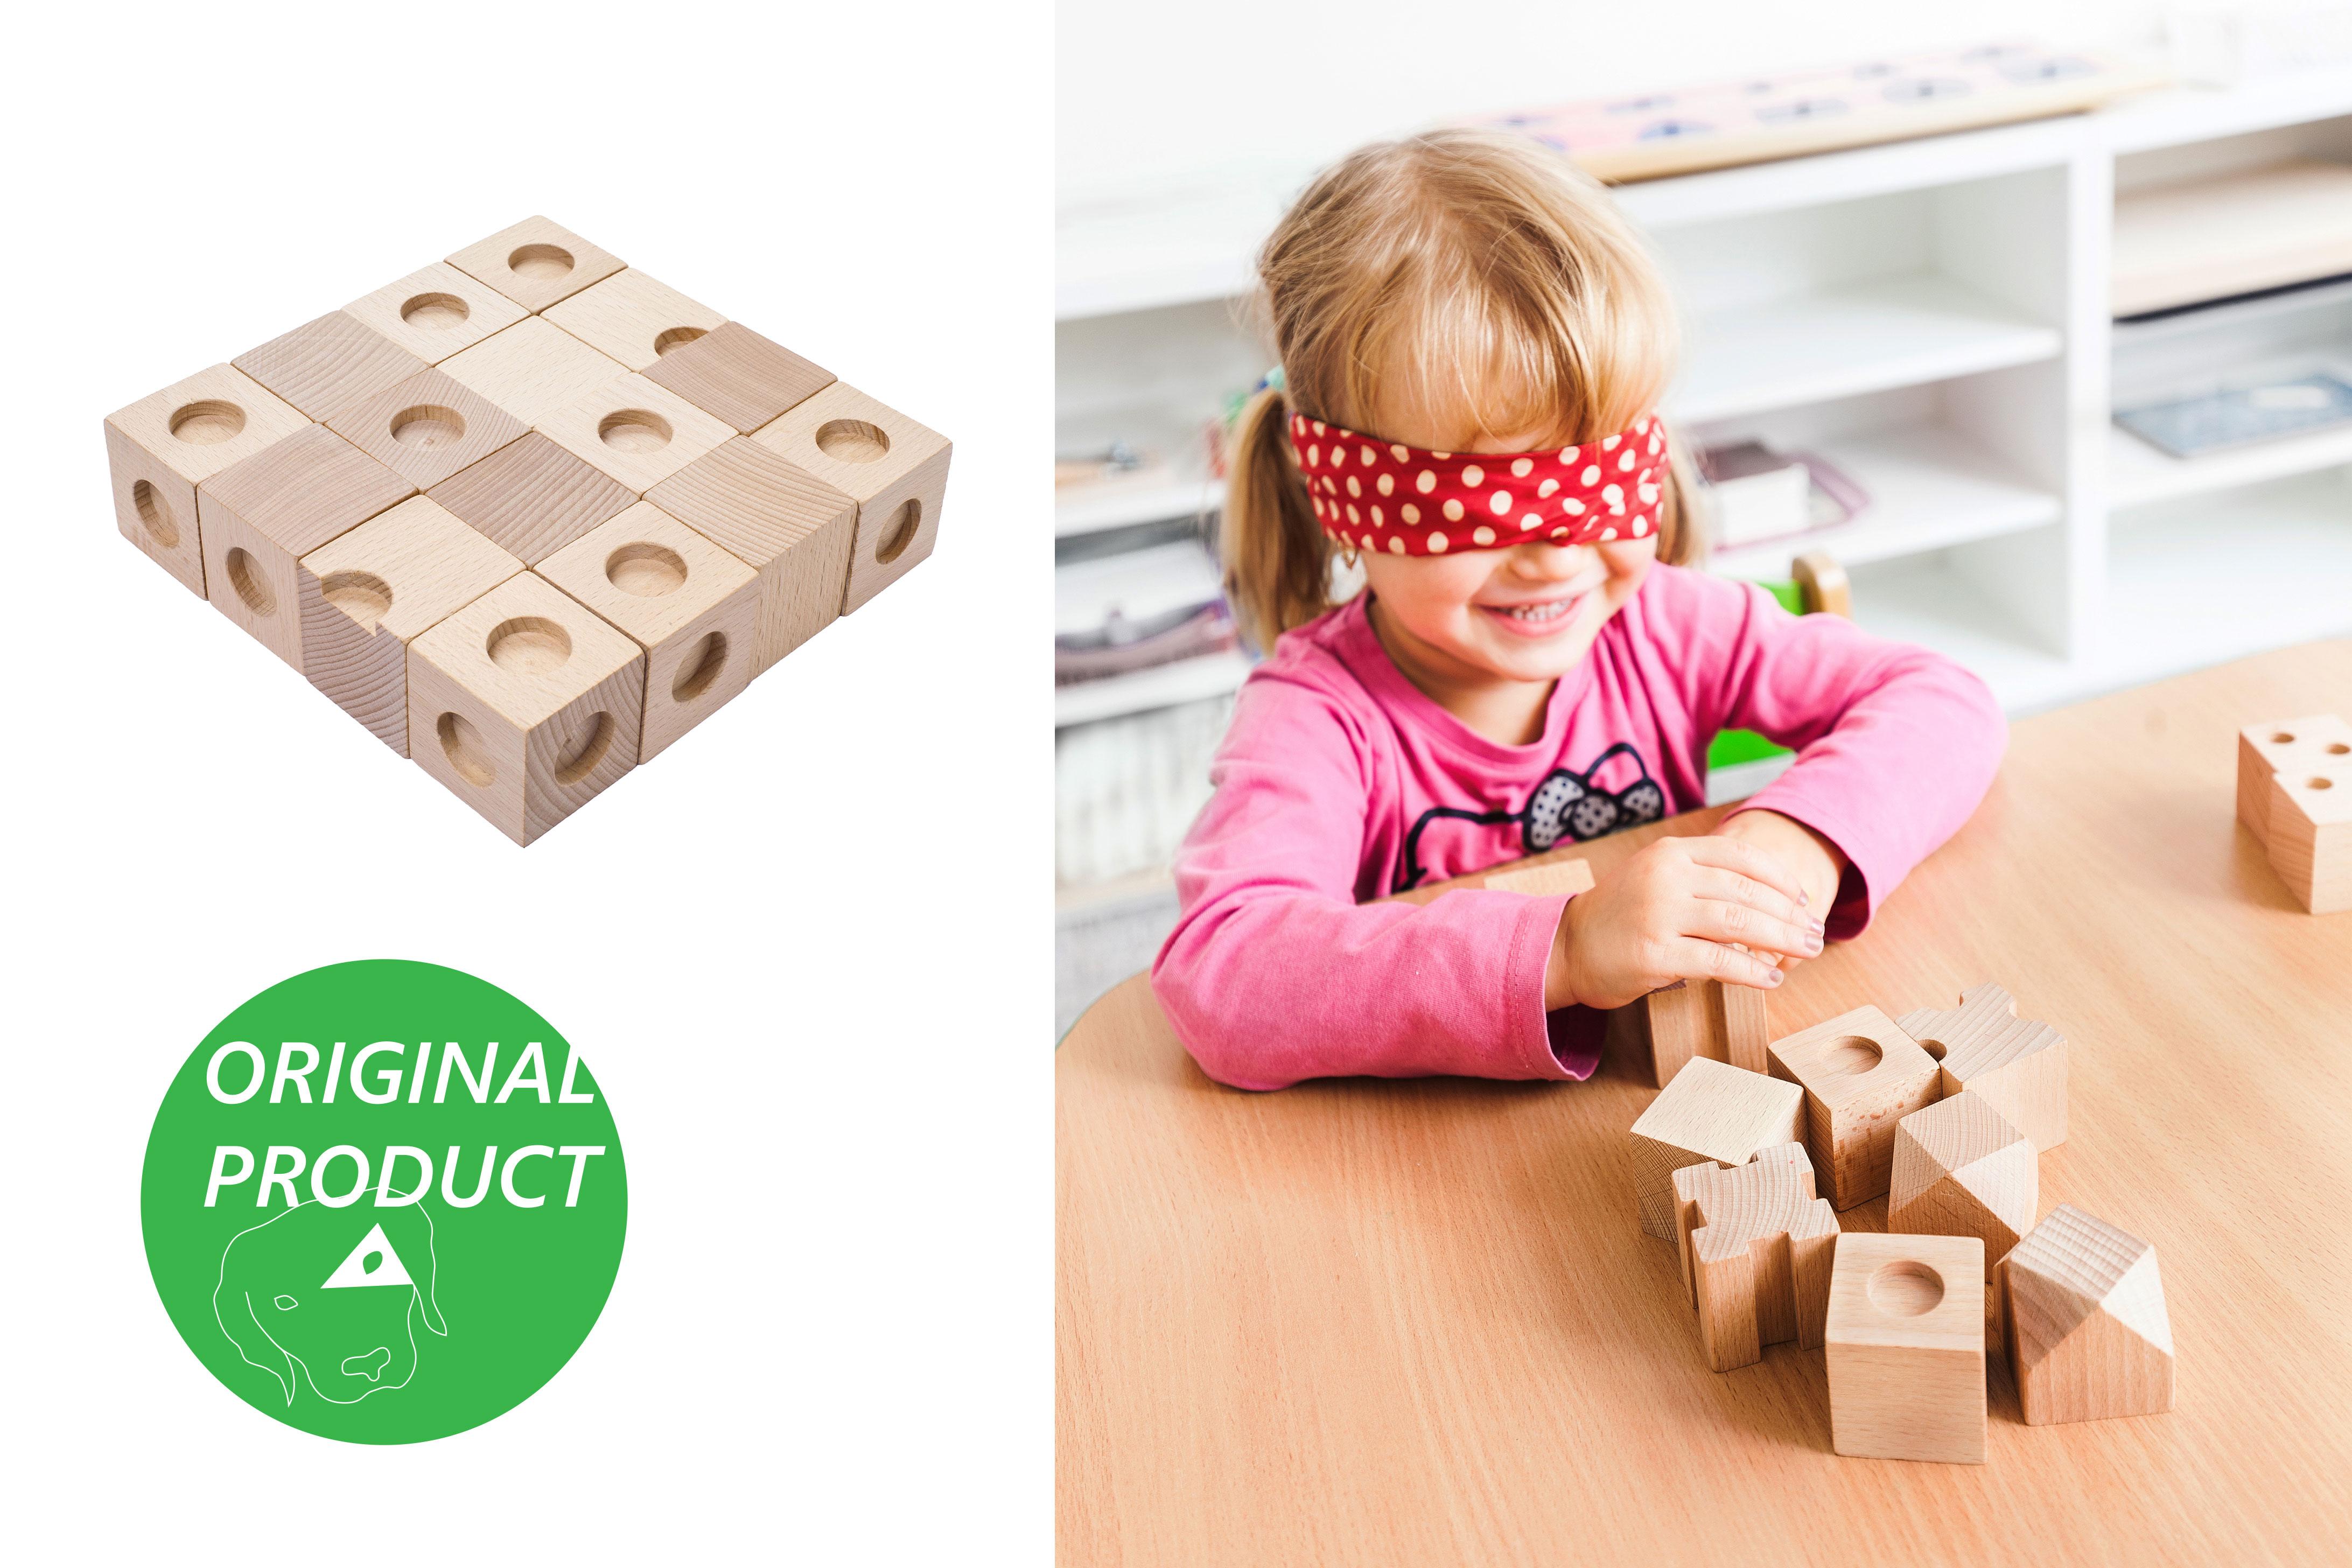 CODY DĚTSKÉ POMŮCKY Dřevěné hmatové kostky 1. stupeň obtížnosti